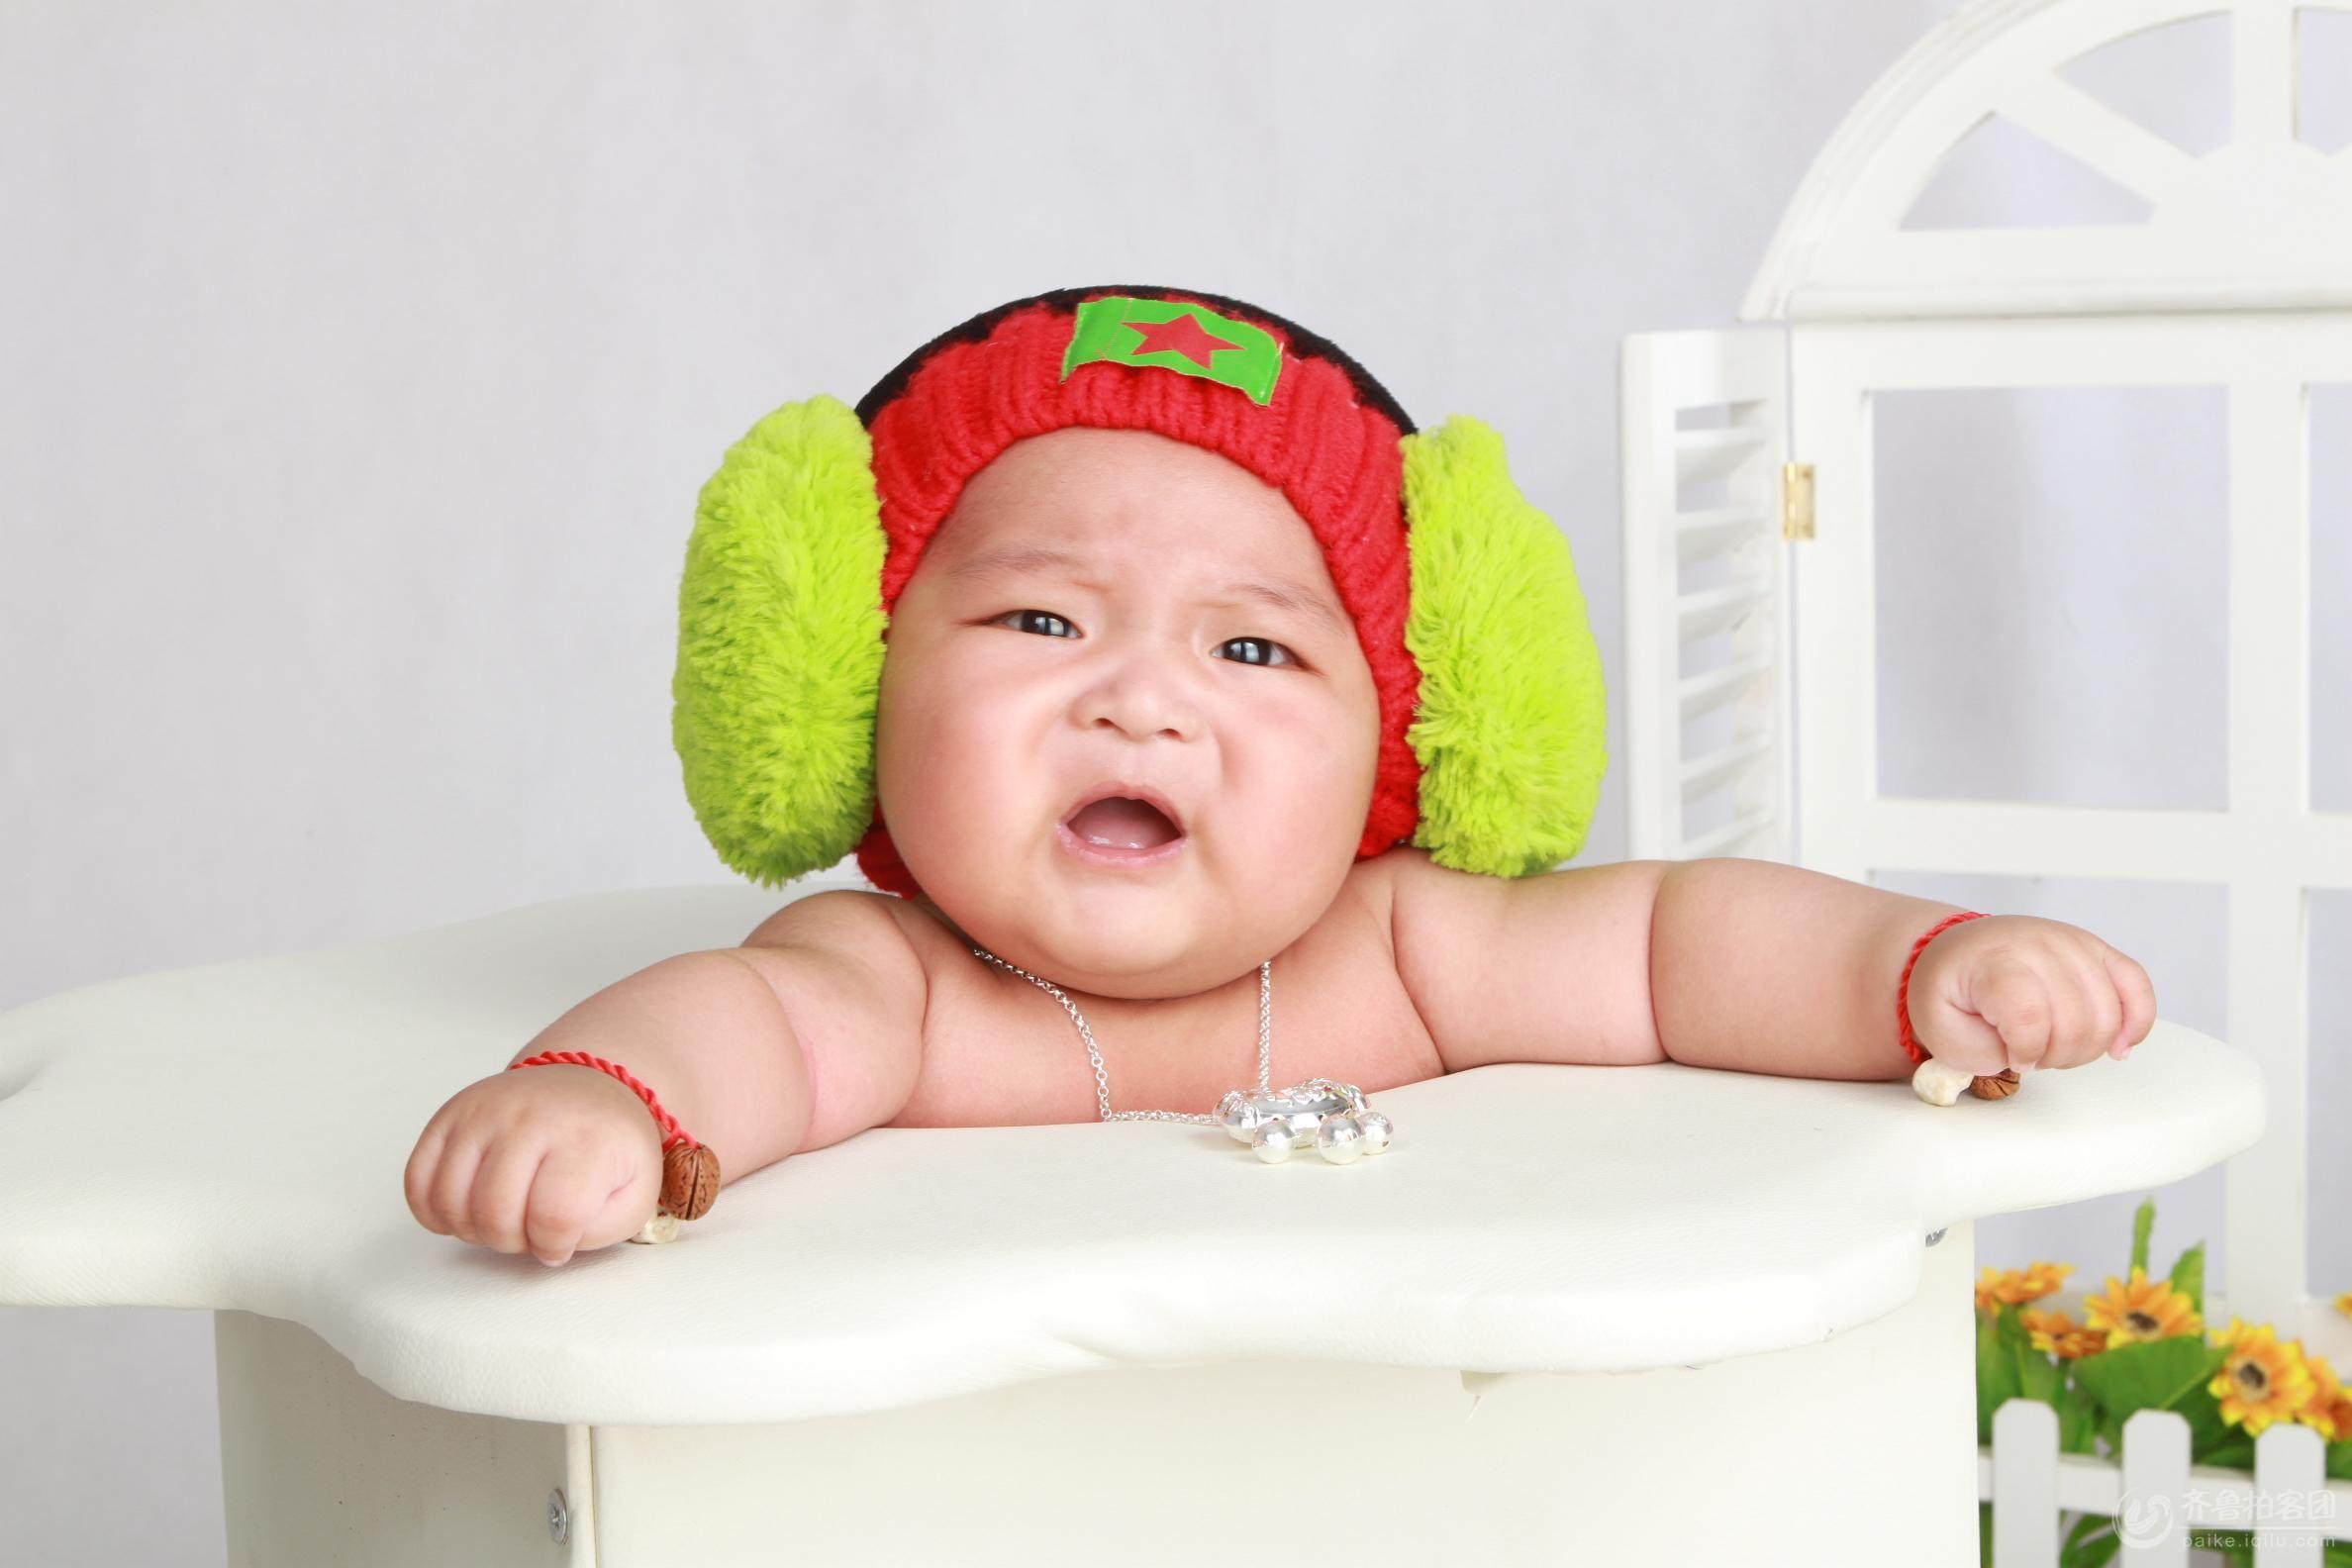 加油宝宝图片大全可爱